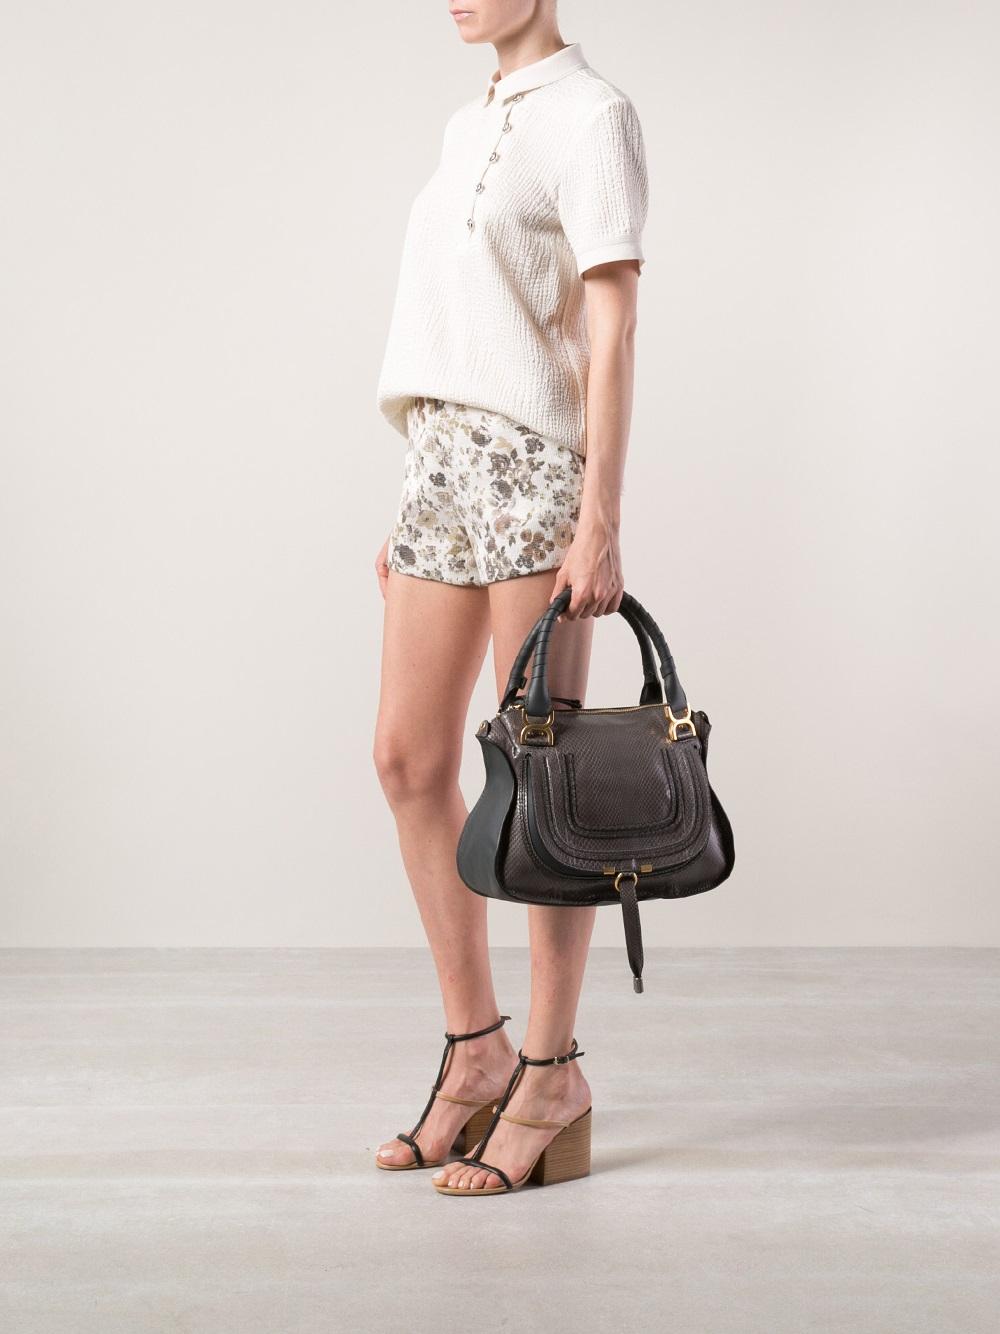 41991bb81 Chloé Marcie Medium Crossbody Bag in Black - Lyst